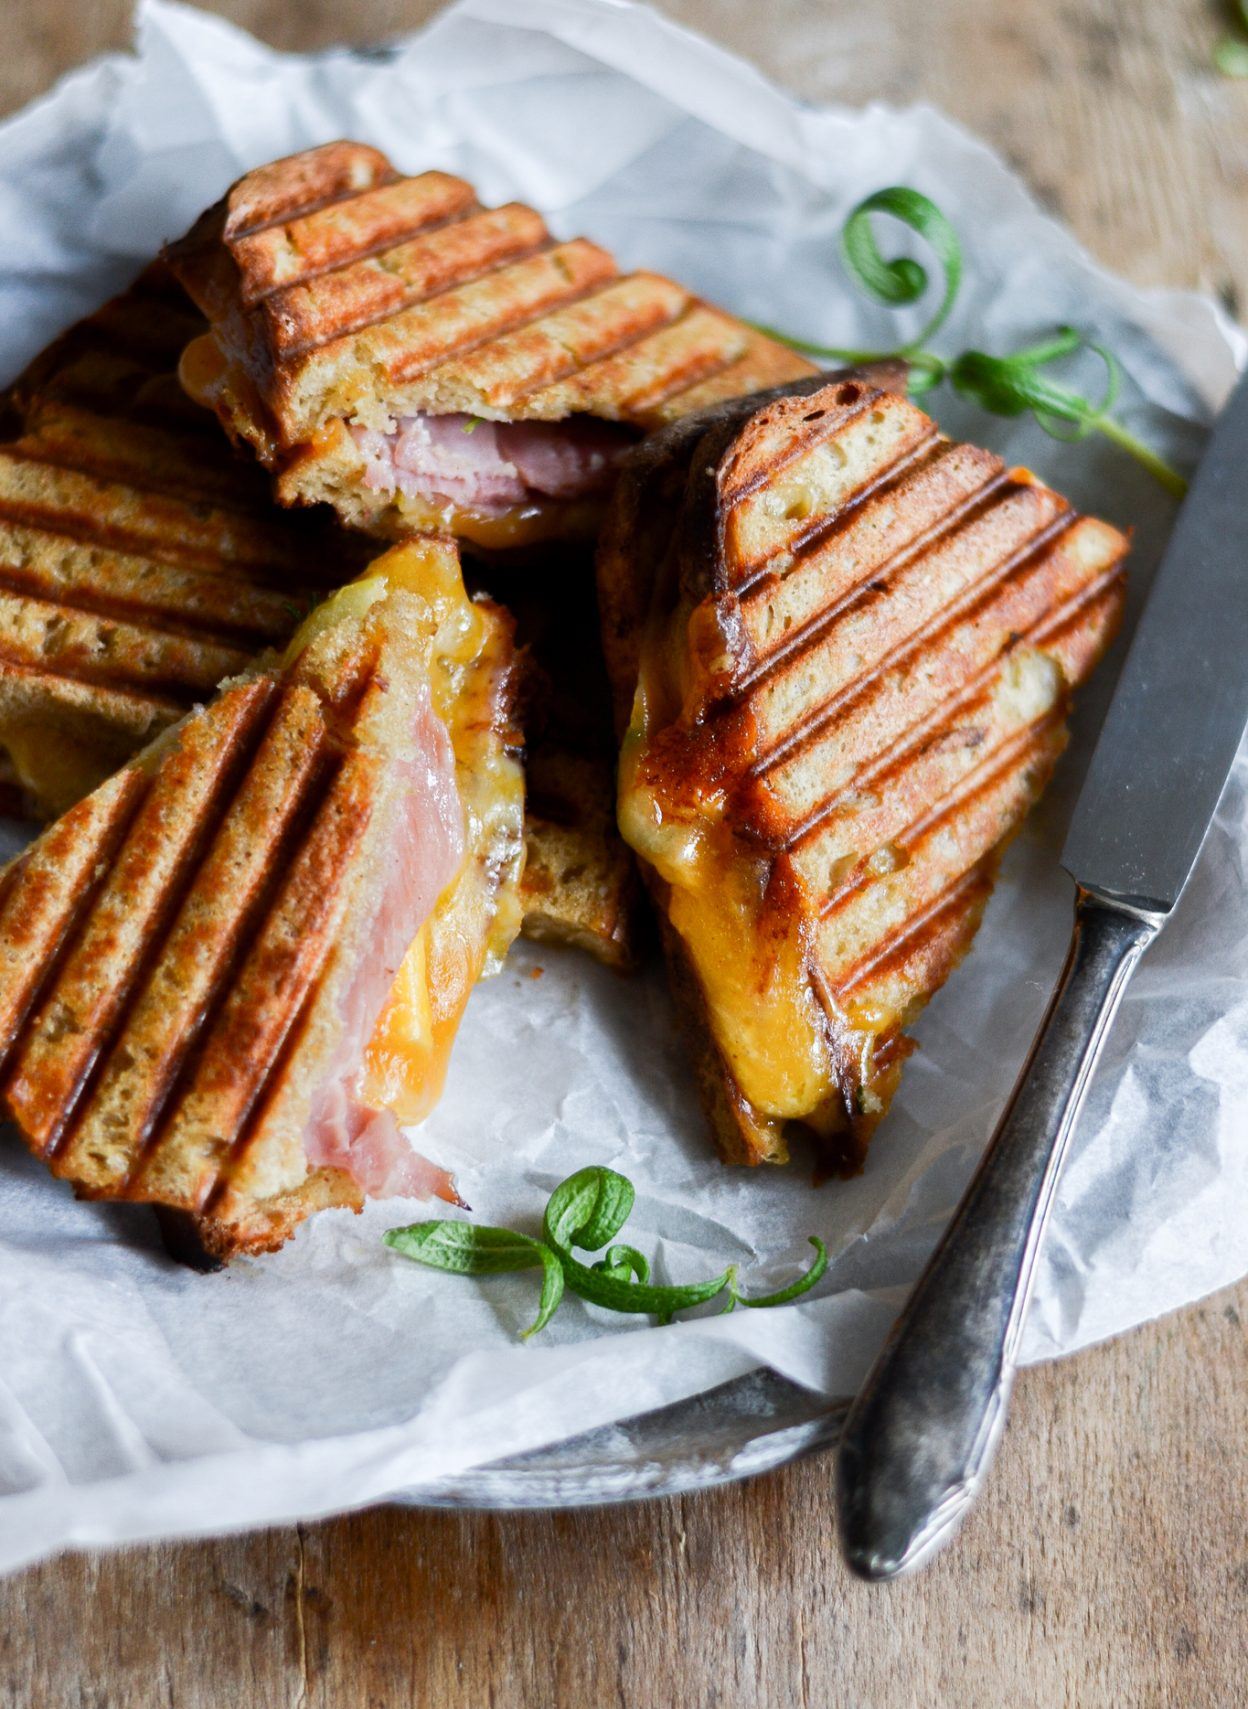 toast-med-skinke-og-ost-grilled-cheese-opskrift